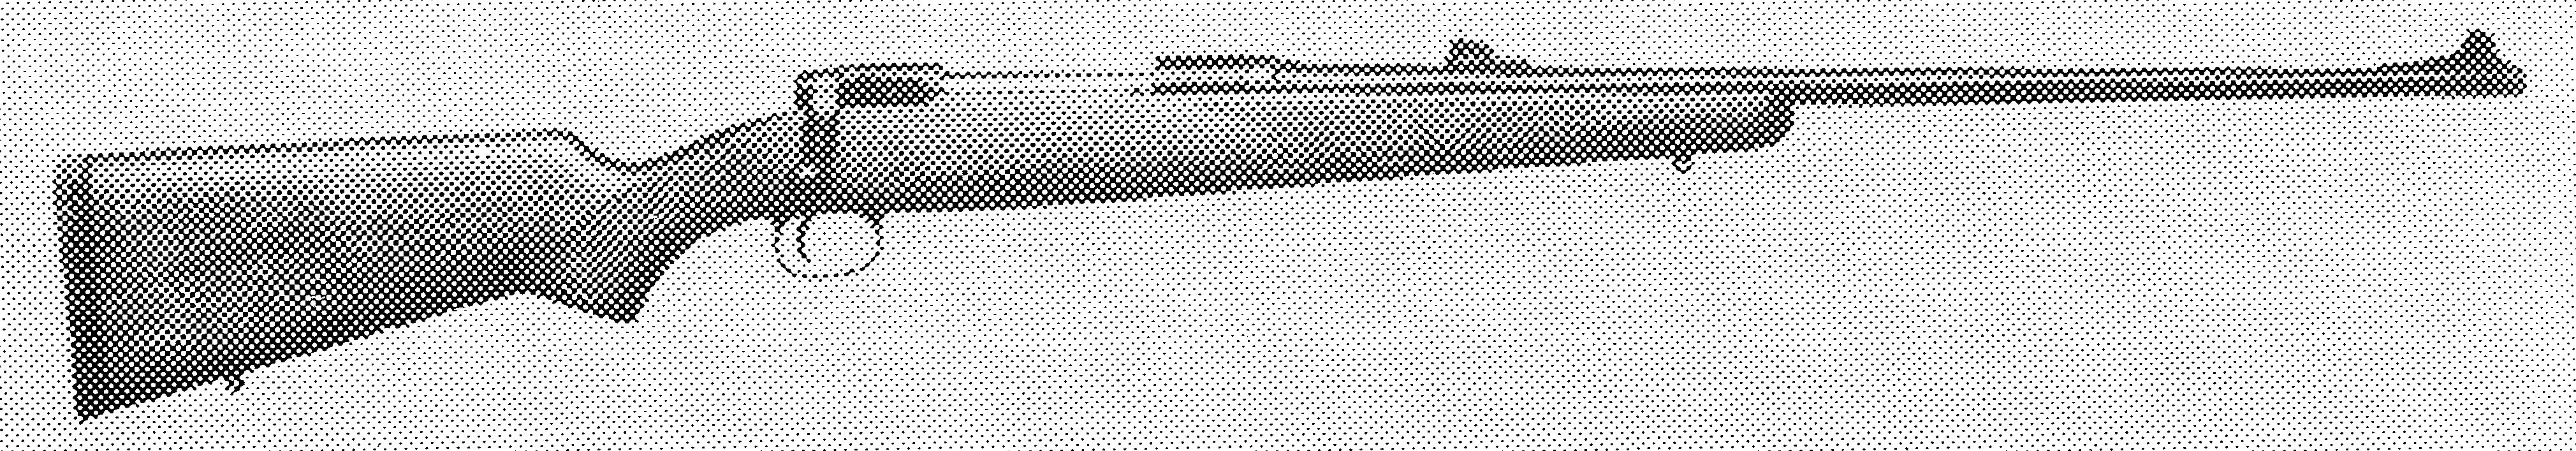 Model 111G